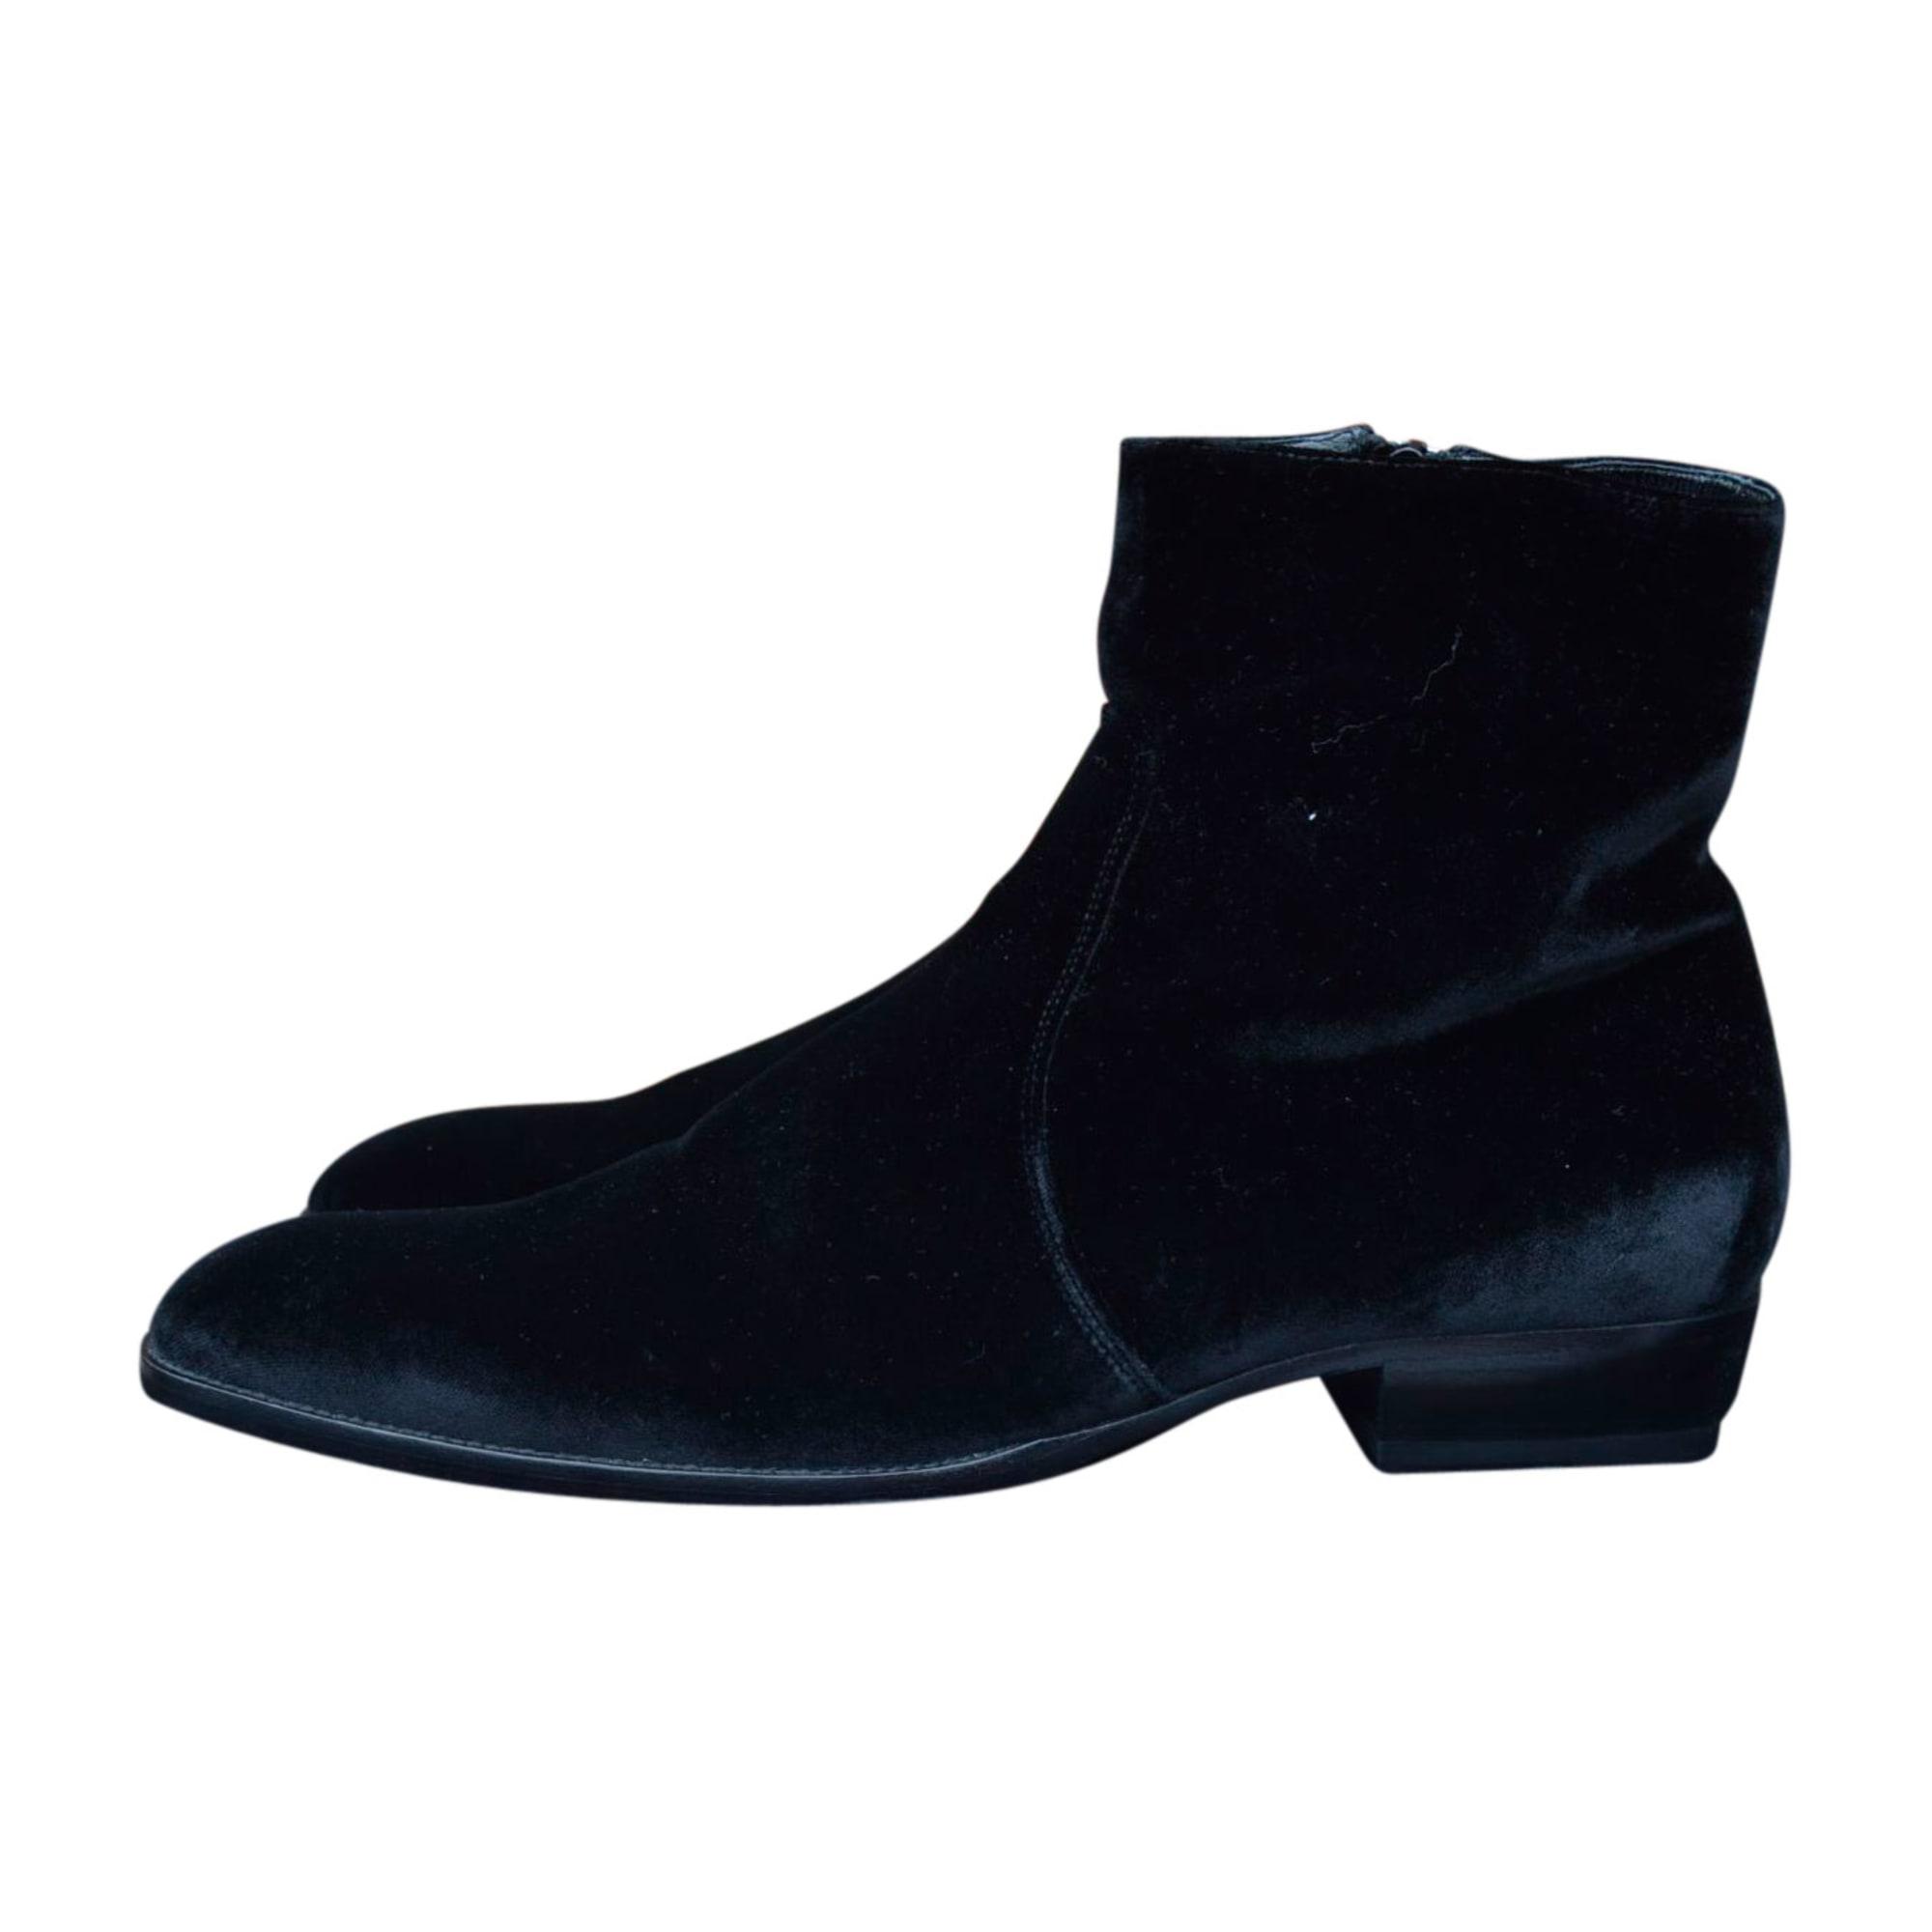 Boots SAINT LAURENT Black